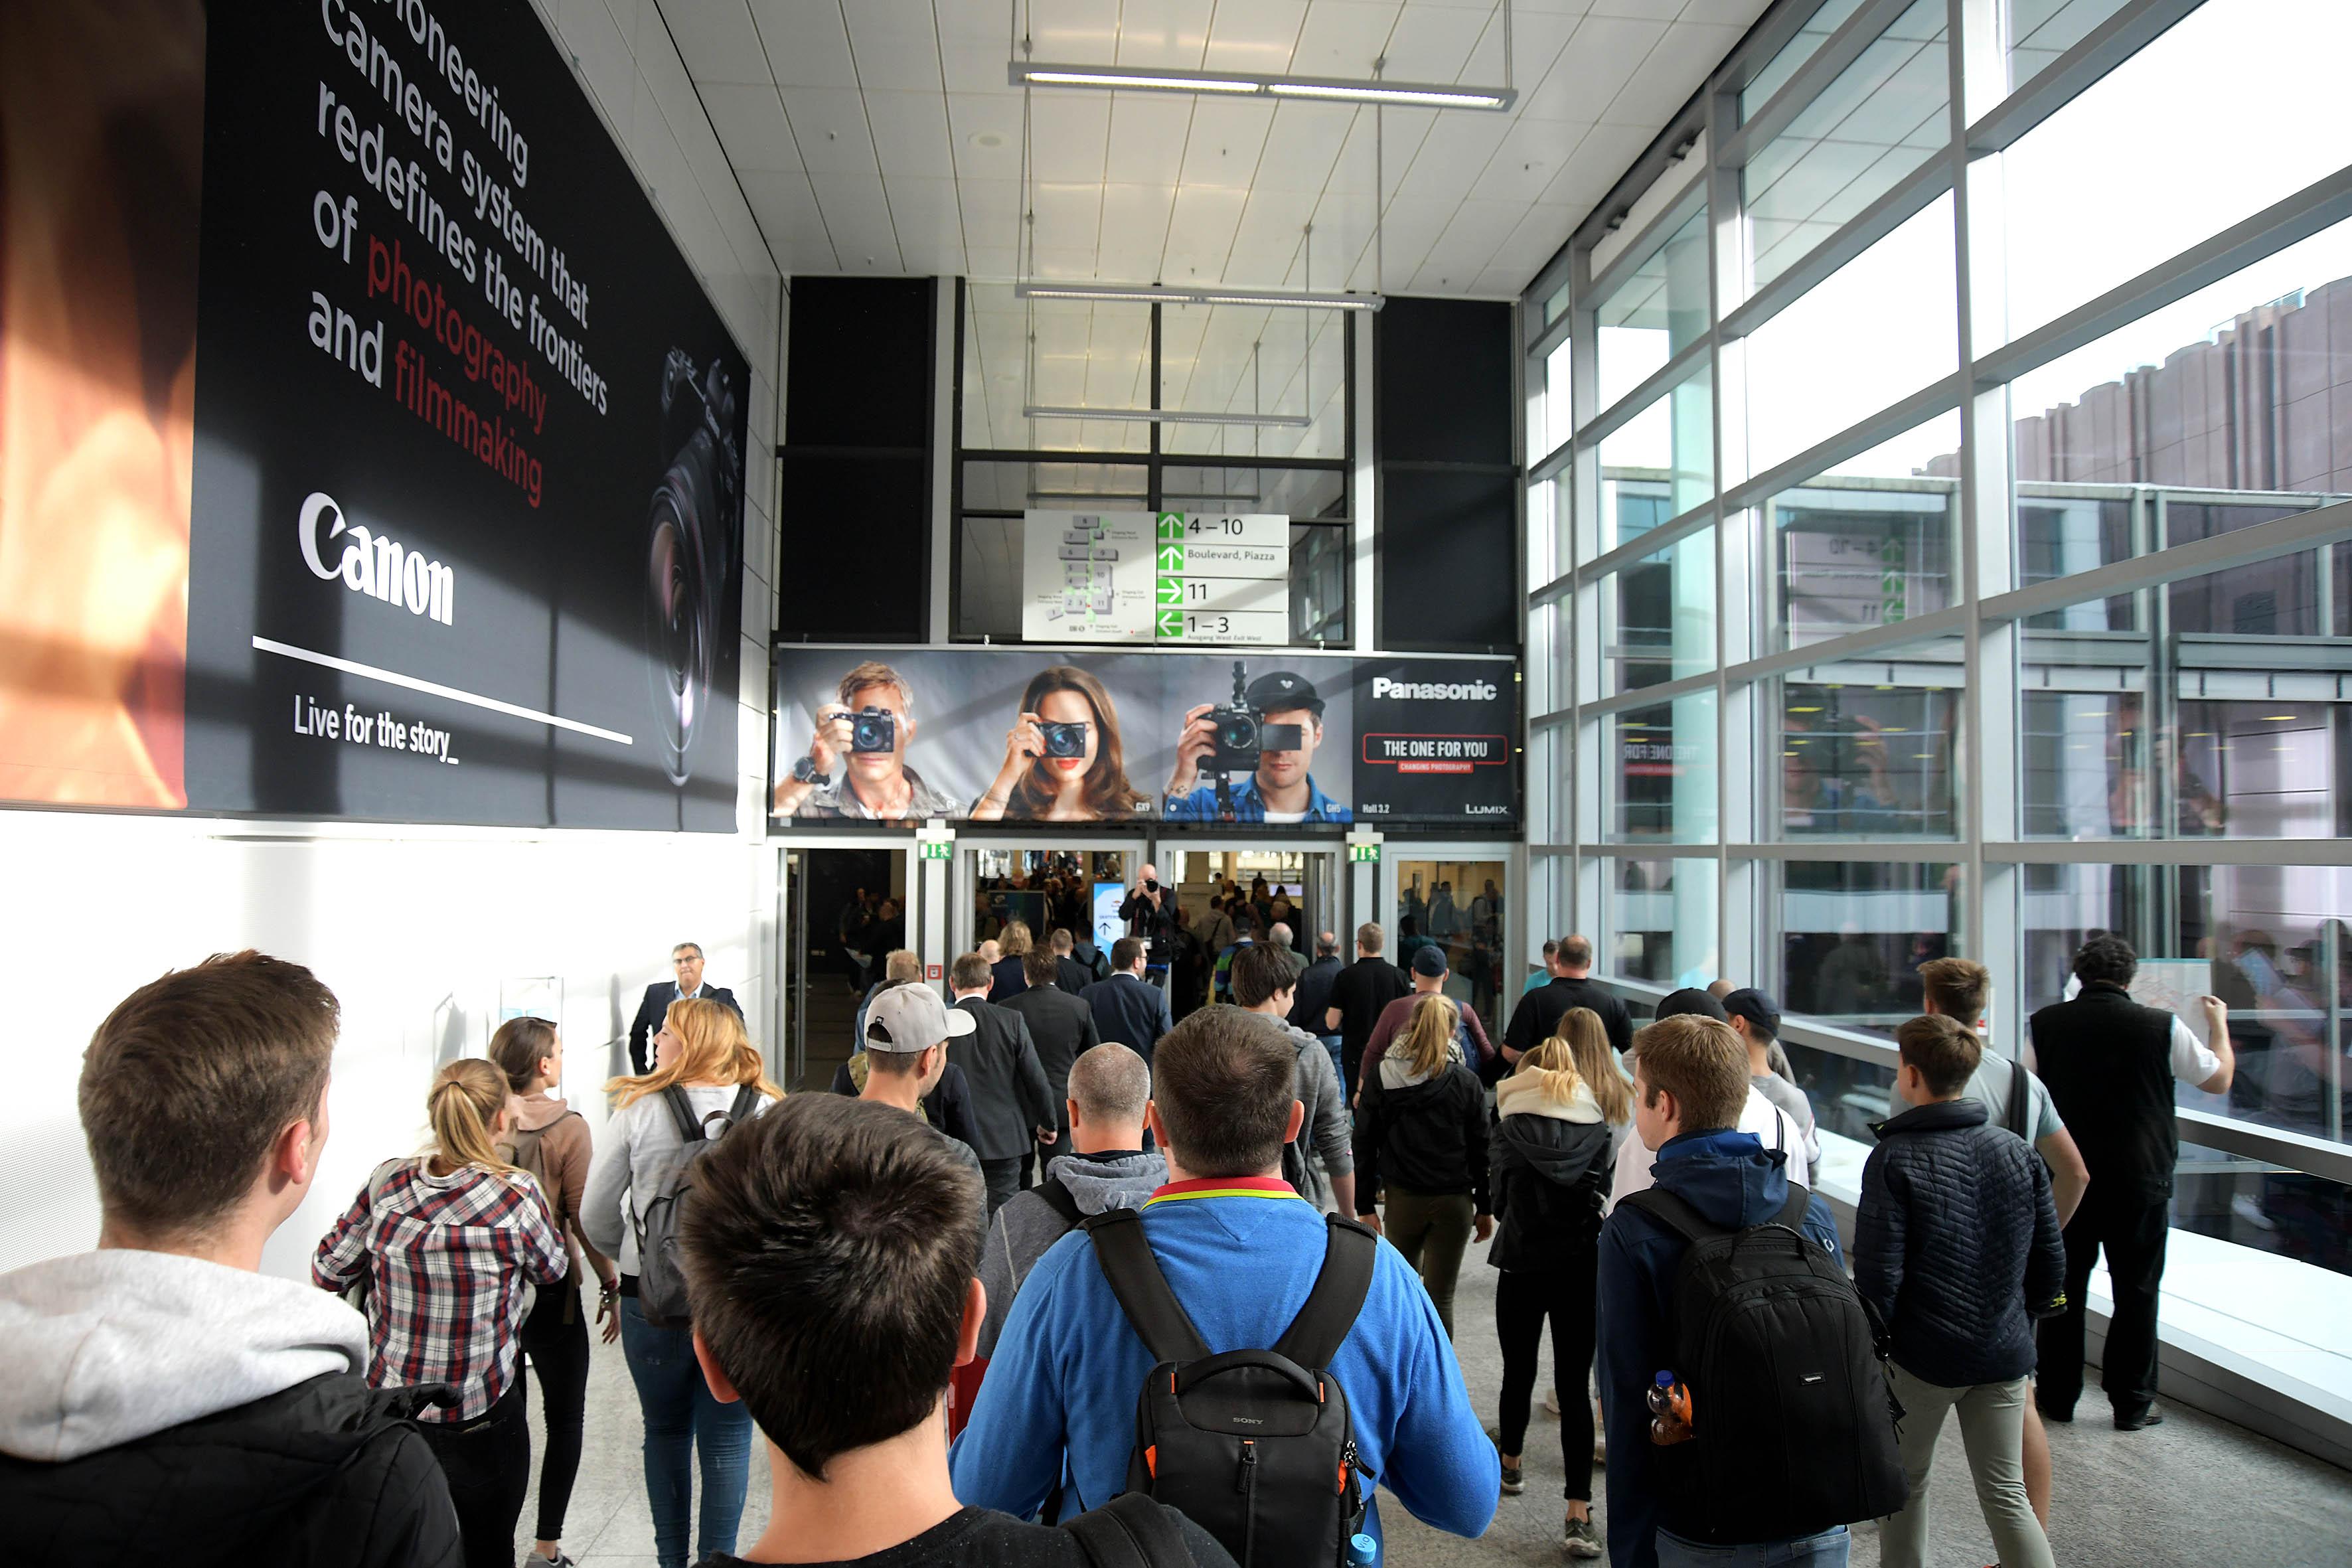 Foto: Michael B. Rehders - Großer Andrang und volle Hallen. Die Photokina zieht fotografiebegeisterte Menschen in Scharen an.